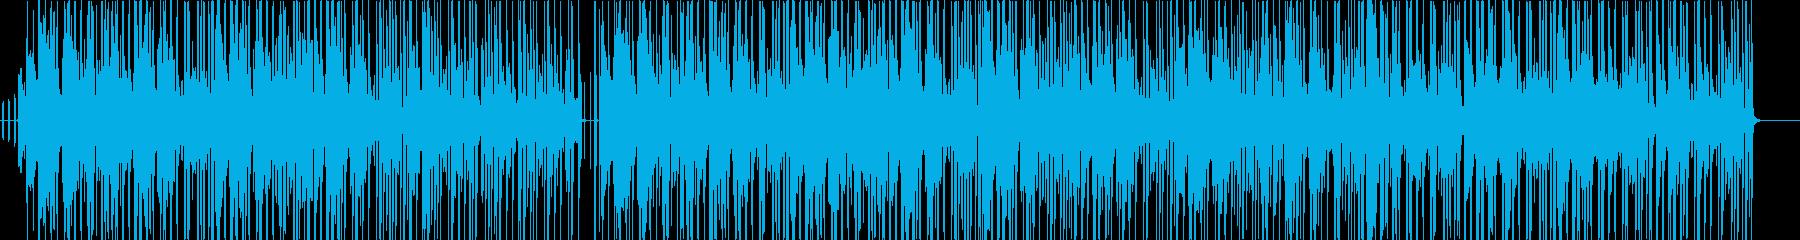 落ち着いた雰囲気の三味線がメインの和風曲の再生済みの波形